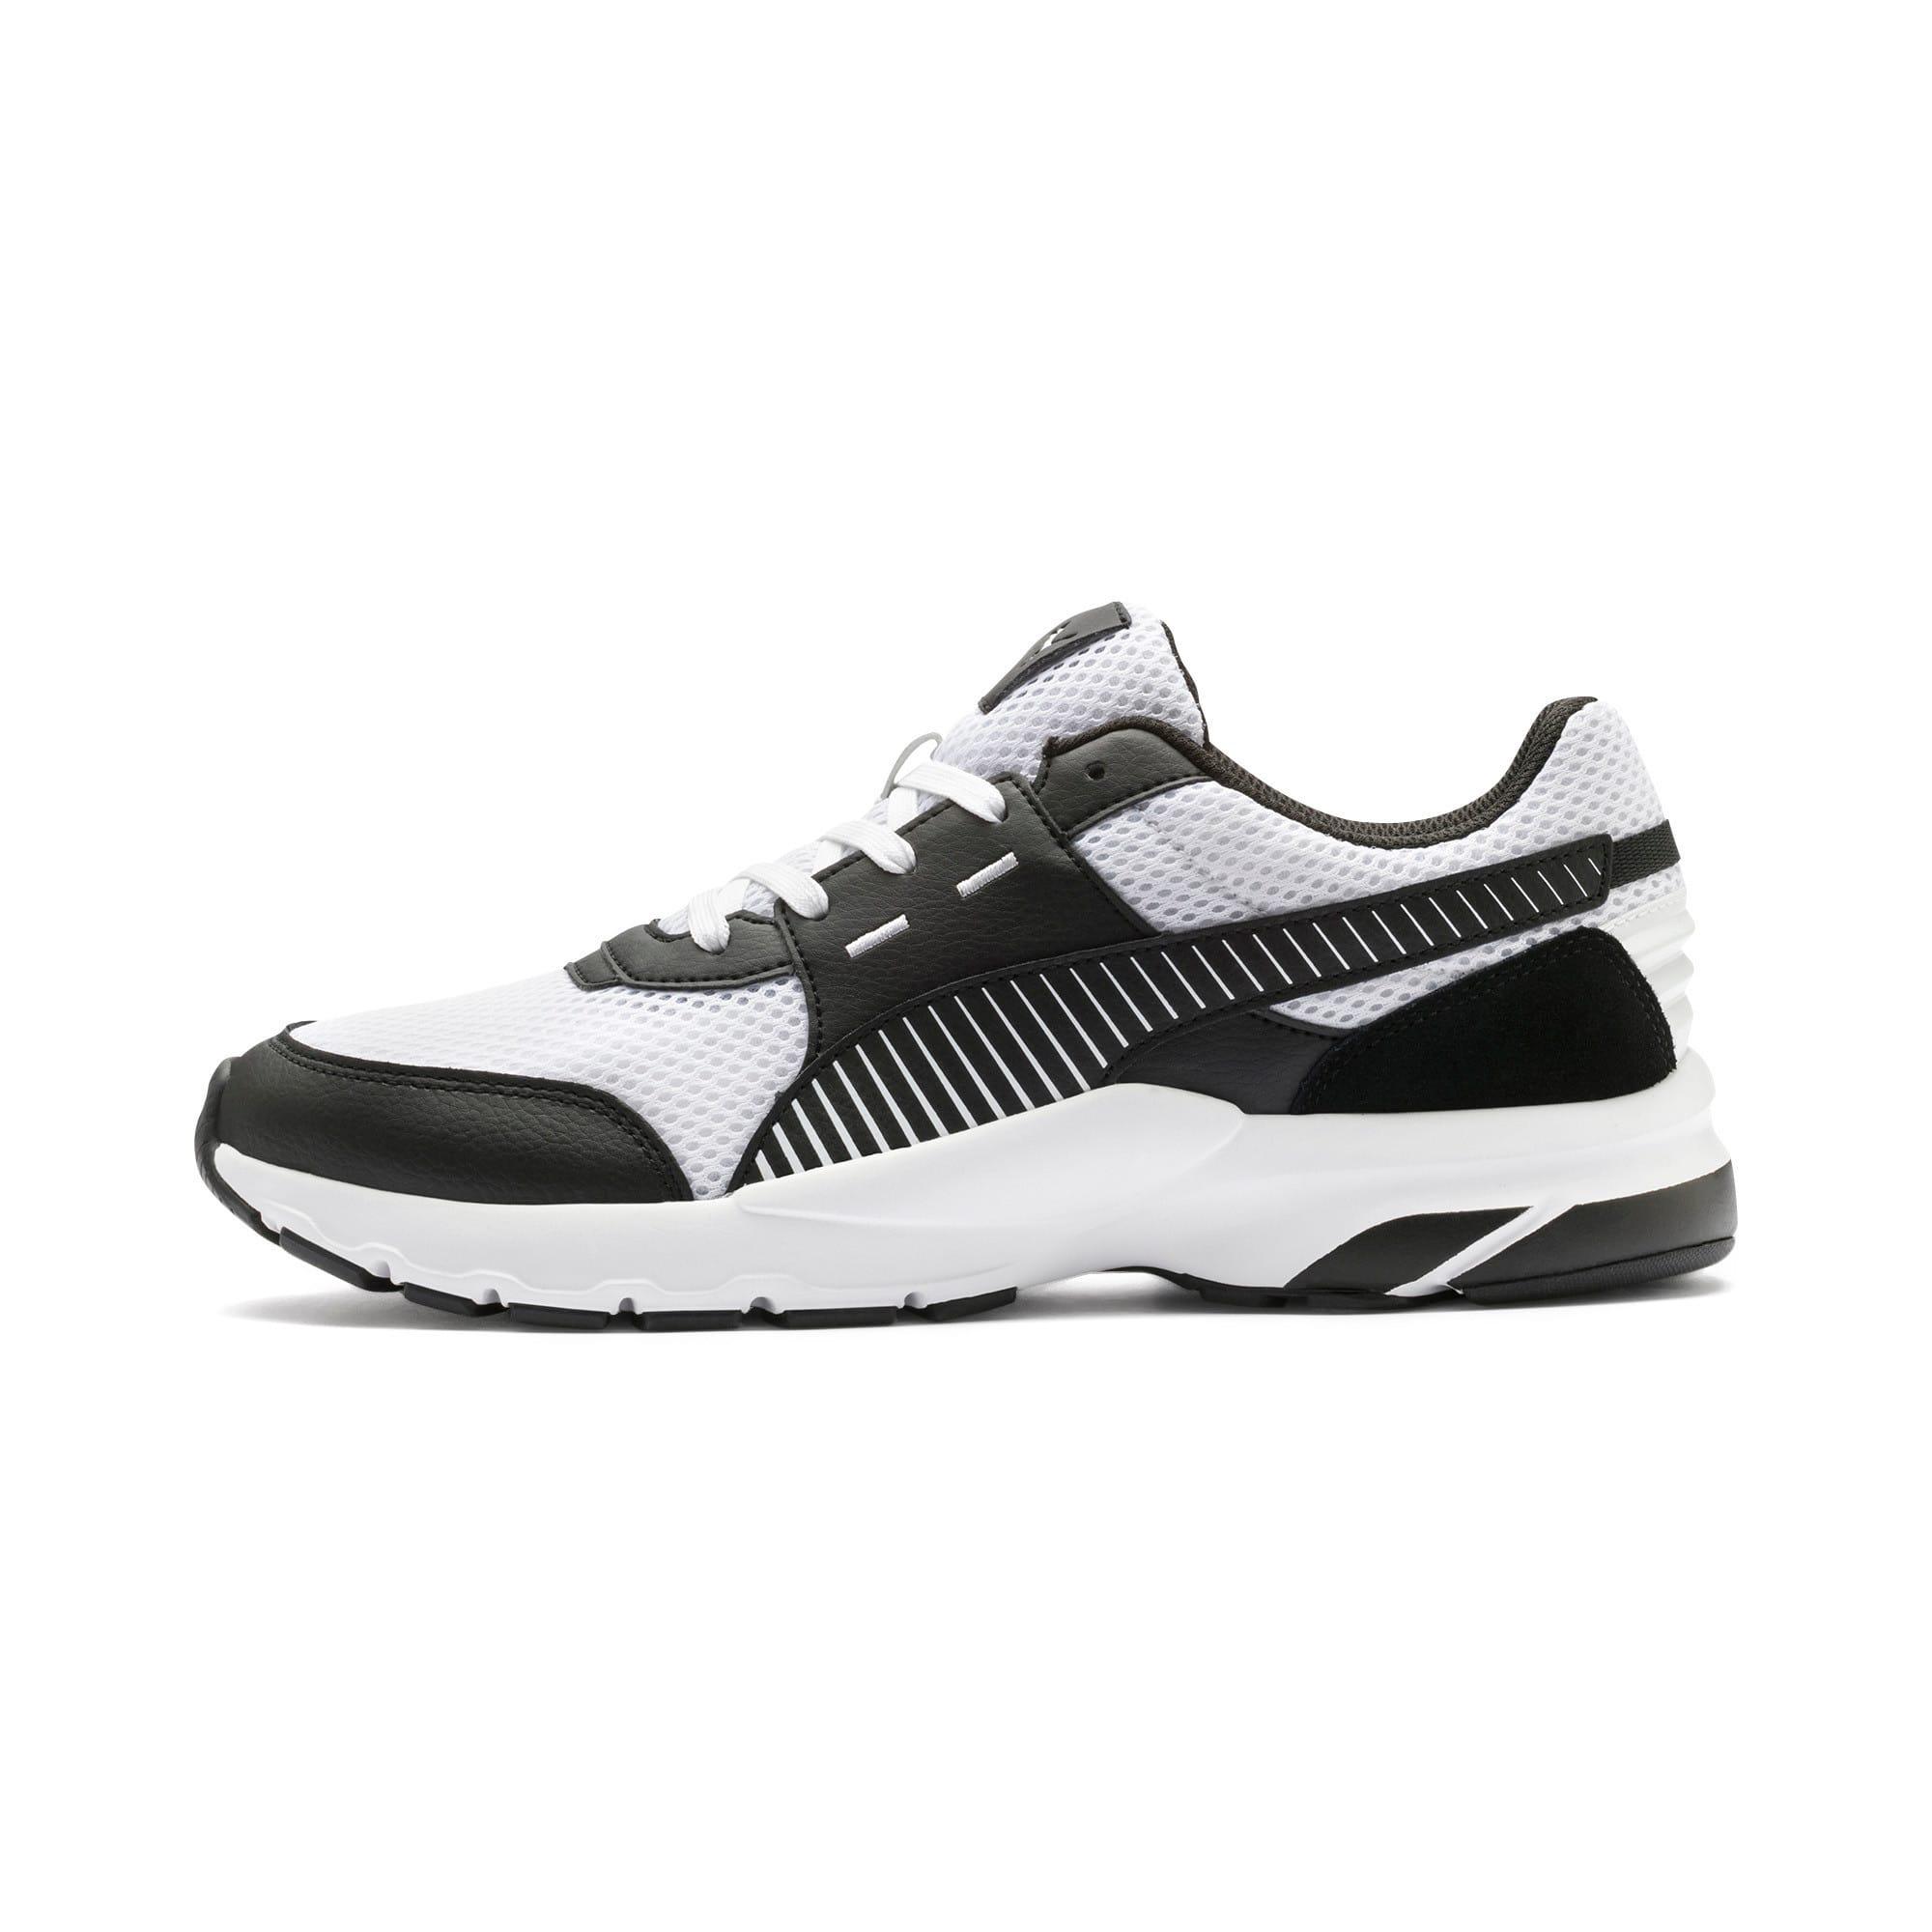 Thumbnail 1 of Future Runner Premium Running Shoes, Puma White-Puma Black, medium-IND